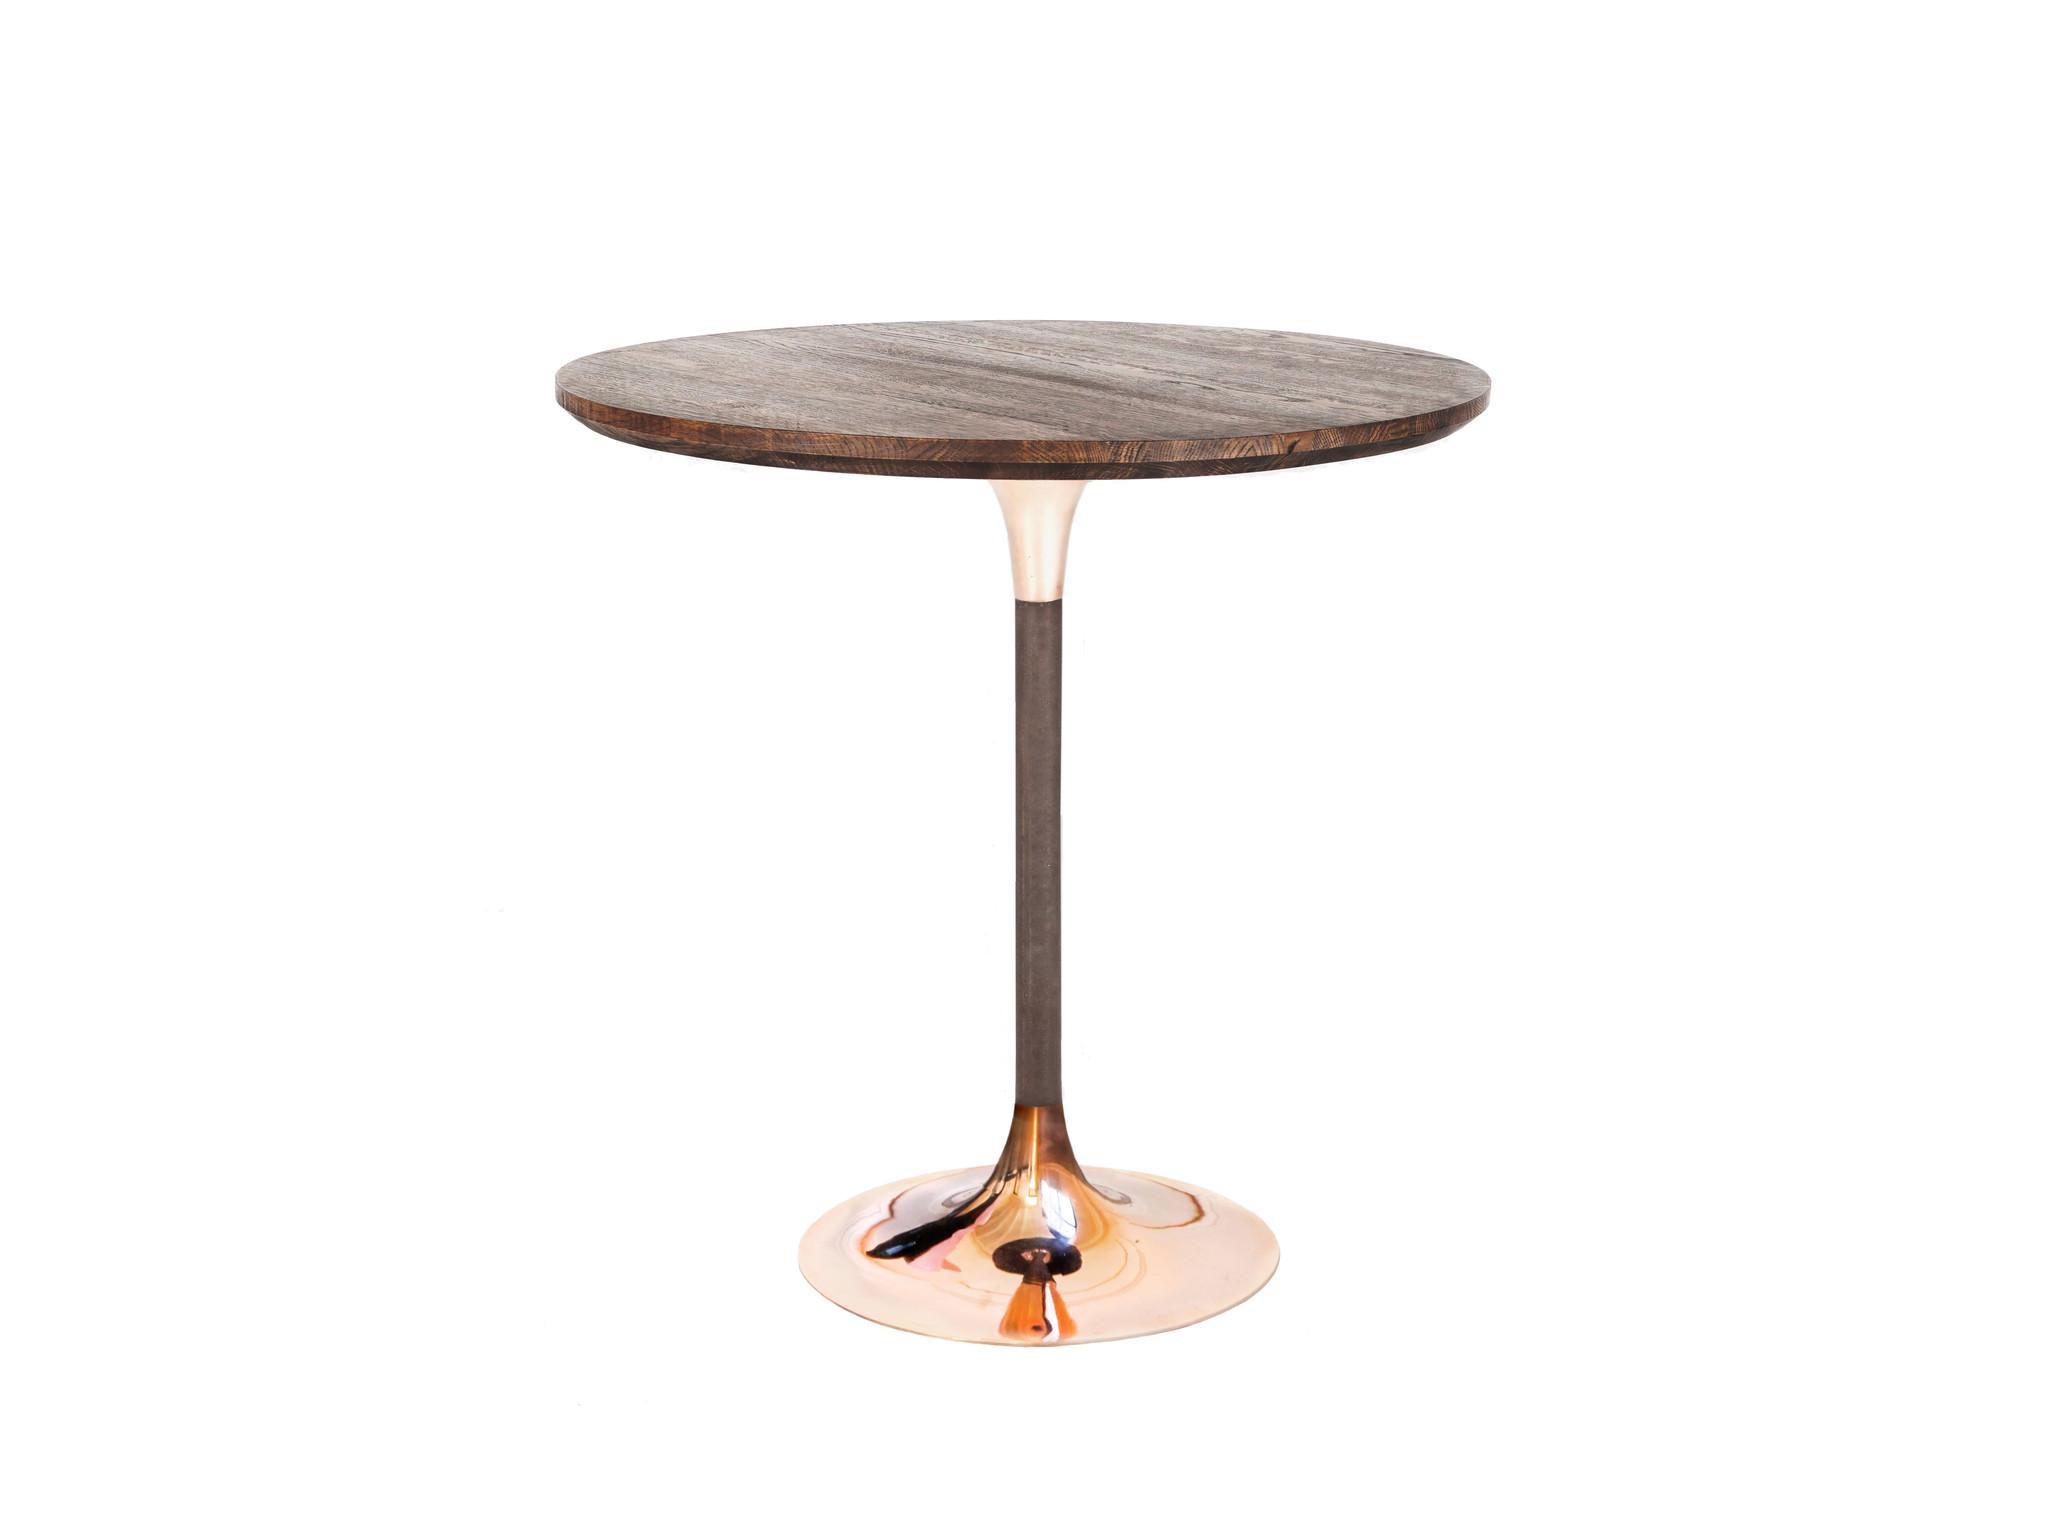 Стол круглый OneКофейные столики<br>&amp;lt;div&amp;gt;Хорошая сборка, бронза и массив дуба позволяют выдерживать этому небольшому столу значительные нагрузки.&amp;lt;br&amp;gt;&amp;lt;/div&amp;gt;&amp;lt;div&amp;gt;&amp;lt;span style=&amp;quot;font-size: 14px;&amp;quot;&amp;gt;Колокола подстолья отлиты из настоящей оловянистой бронзы и отполированы вручную до зеркального блеска. Труба покрыта матовым акриловым лаком. Столешница покрыта современным износостойким итальянским лаком на акриловой основе.&amp;lt;/span&amp;gt;&amp;lt;/div&amp;gt;&amp;lt;div&amp;gt;&amp;lt;span style=&amp;quot;font-size: 14px;&amp;quot;&amp;gt;&amp;lt;br&amp;gt;&amp;lt;/span&amp;gt;&amp;lt;/div&amp;gt;&amp;lt;div&amp;gt;&amp;lt;span style=&amp;quot;font-size: 14px;&amp;quot;&amp;gt;Настоящая бронза имеет свойство стариться. Мы можем нанести специальный защитный слой, который предотвратит ее старение и защитит от царапин. Покрытие также обладает антистатическими свойствами, не собирает пыль. При желании, вы можете оставить металл без покрытия, в этом случае со временем бронза будет покрываться естественной патиной, что придаст изделию антикварный вид. Также возможно запатинировать бронзу в черный цвет.&amp;amp;nbsp;&amp;lt;/span&amp;gt;&amp;lt;/div&amp;gt;&amp;lt;div&amp;gt;&amp;lt;span style=&amp;quot;font-size: 14px;&amp;quot;&amp;gt;&amp;lt;br&amp;gt;&amp;lt;/span&amp;gt;&amp;lt;/div&amp;gt;&amp;lt;div&amp;gt;&amp;lt;span style=&amp;quot;font-size: 14px;&amp;quot;&amp;gt;Обратите внимание, что артикул, описание которого вы сейчас читаете - не покрыт защитой и будет покрываться патиной.&amp;amp;nbsp; Стол с защитным покрытием бронзы идет отдельным артикулом. Подстолье данной модели отлито и изготовлено вручную, поэтому на полированной части возможно присутствие артефактов литья - маленьких пор, диаметром не более 3мм, их минимальное количество, они случайным образом расположены на лицевой части, не влияют на внешний вид и уникальны у каждого изделия.&amp;lt;/span&amp;gt;&amp;lt;/div&amp;g